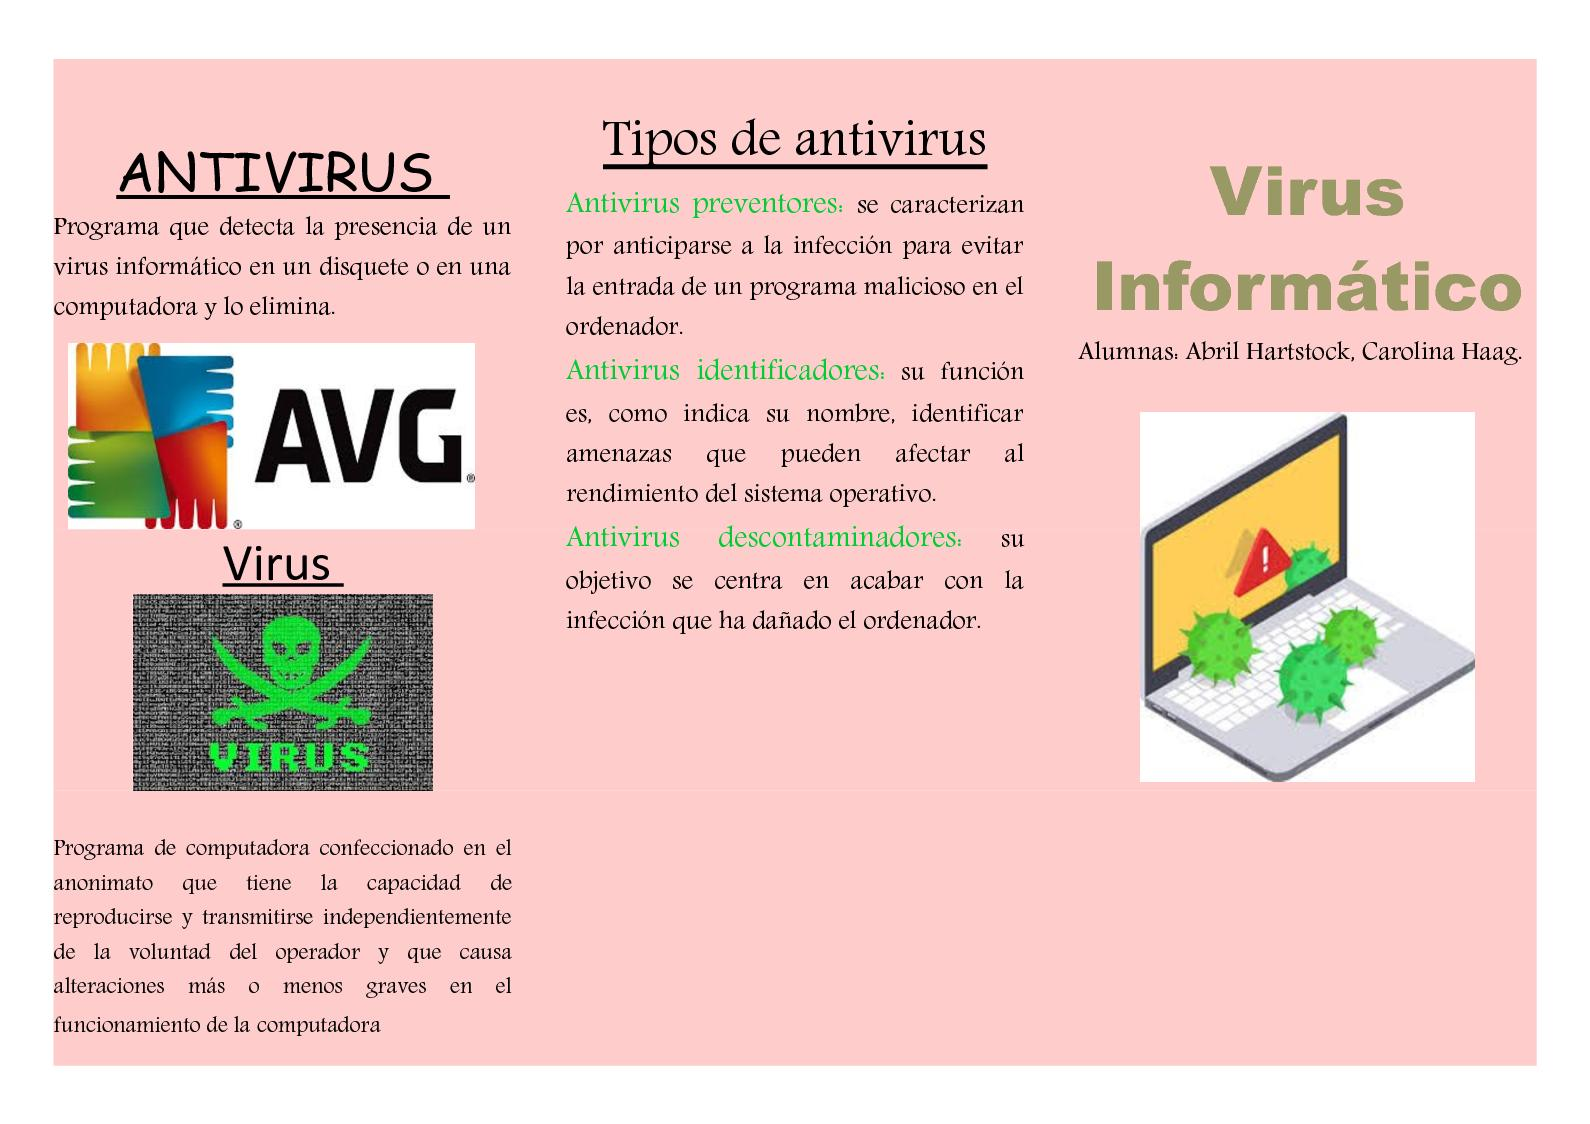 ¿Cómo puede evitar la entrada de virus en su sistema?